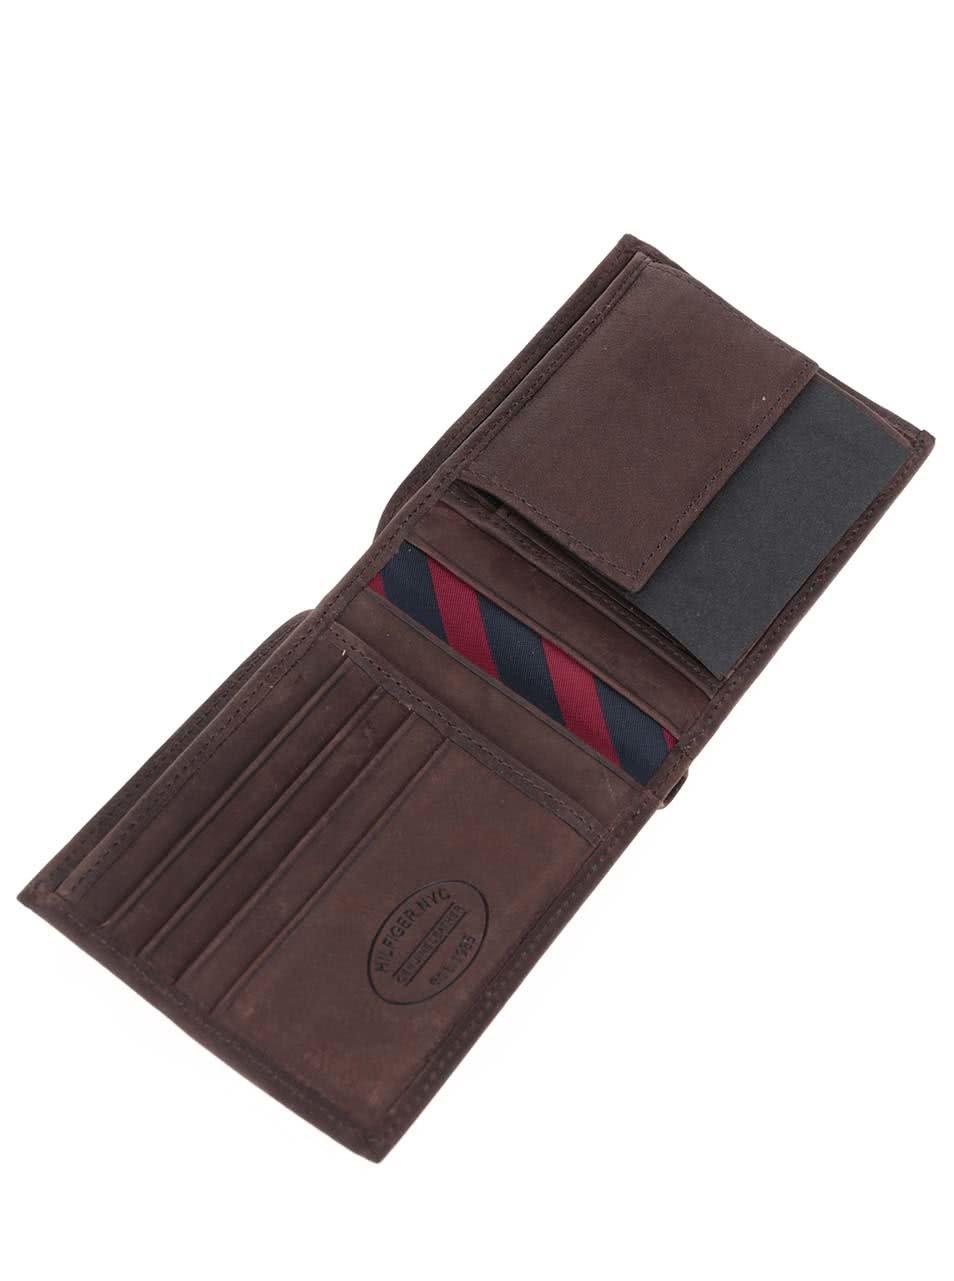 Hnedá väčšia pánska kožená peňaženka s vreckom na drobné Tommy Hilfiger  Johnson ... c2998269f54